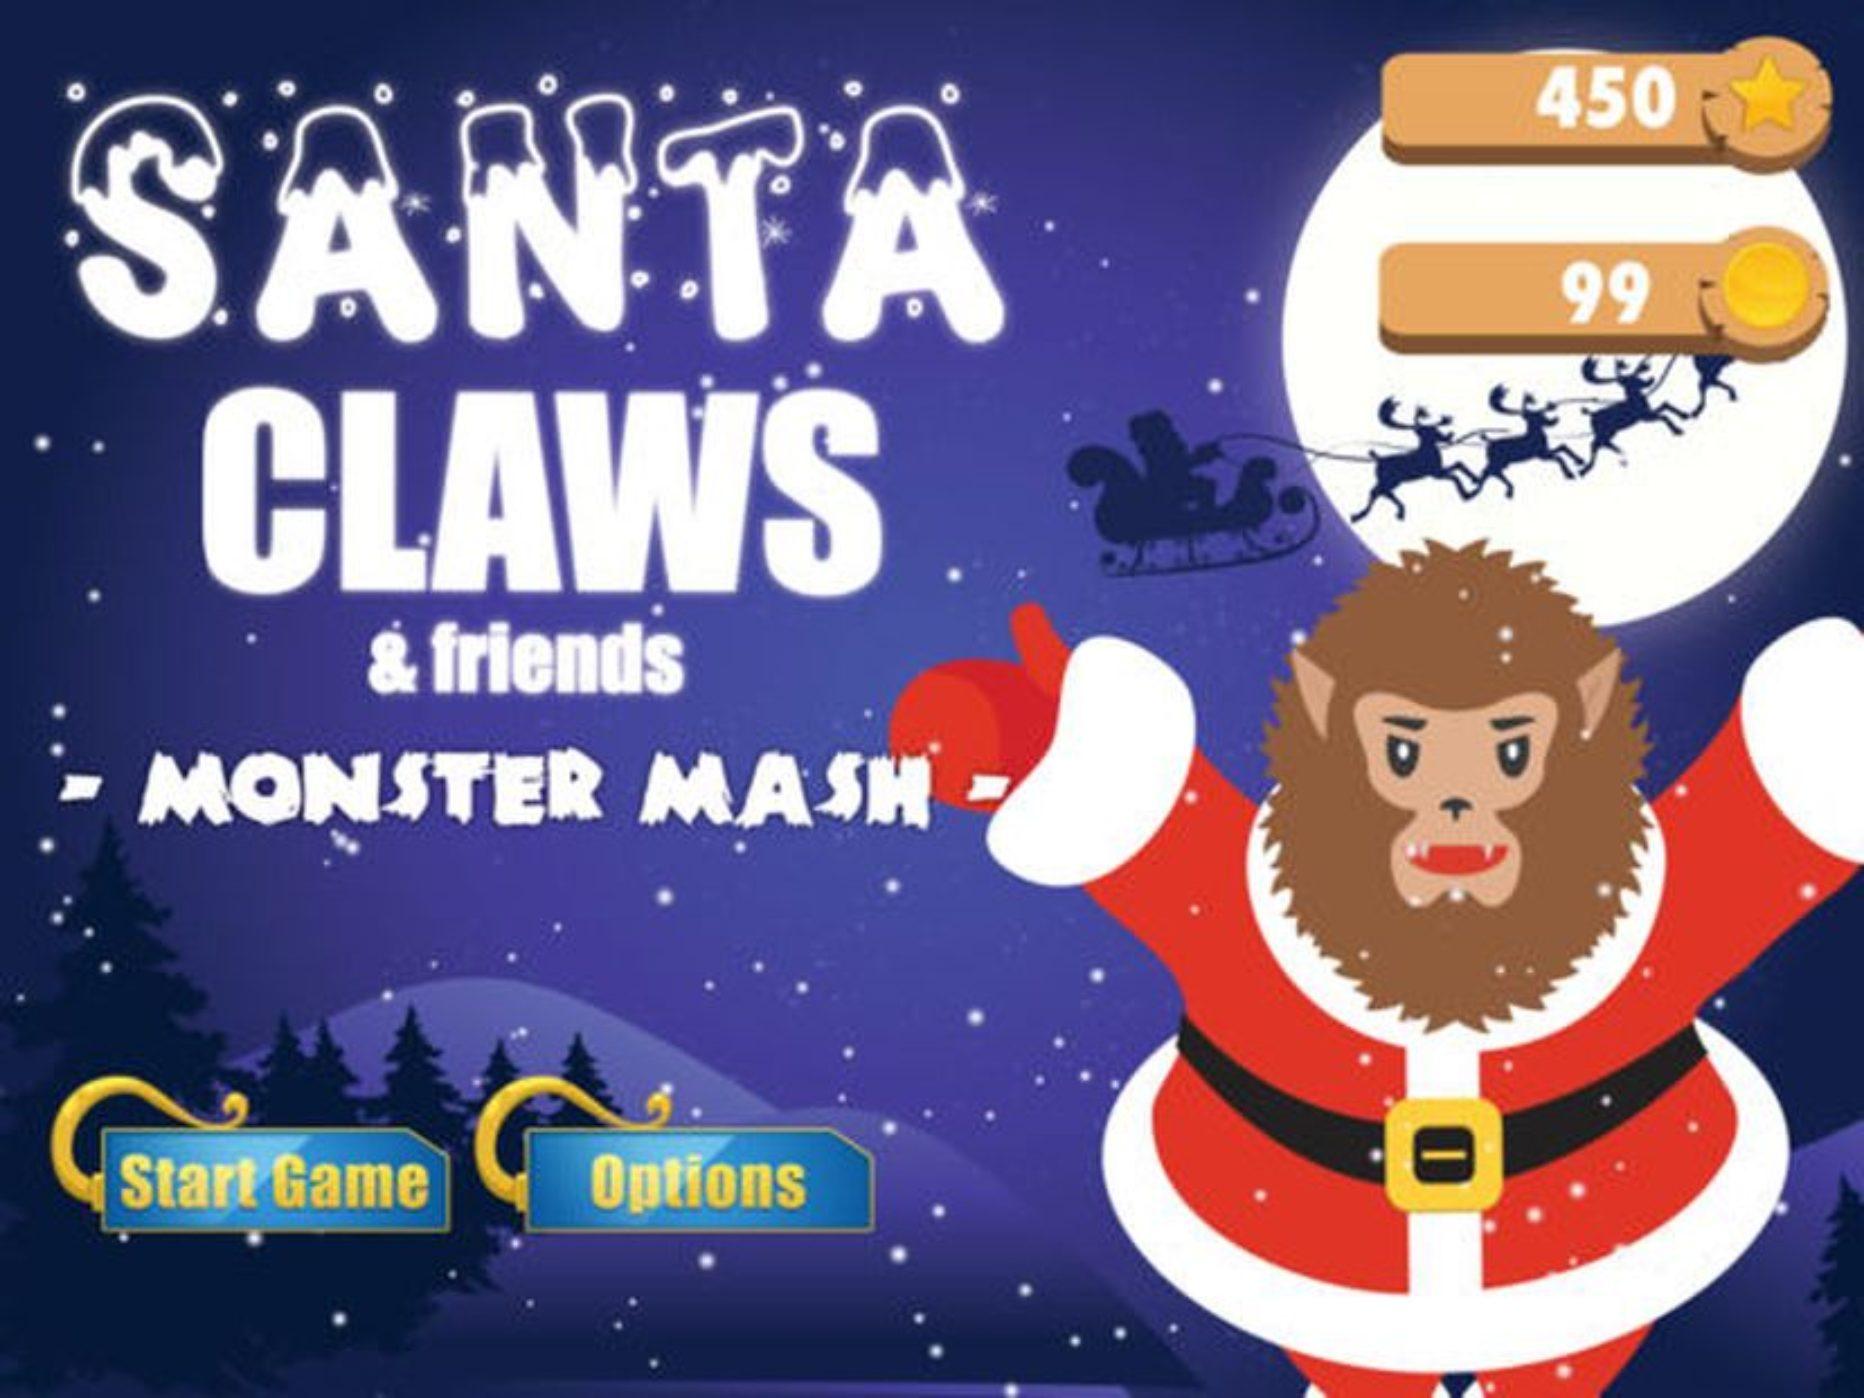 Santa Claws – Seasonal Gaming Fun Bringing Monsters into the Mix